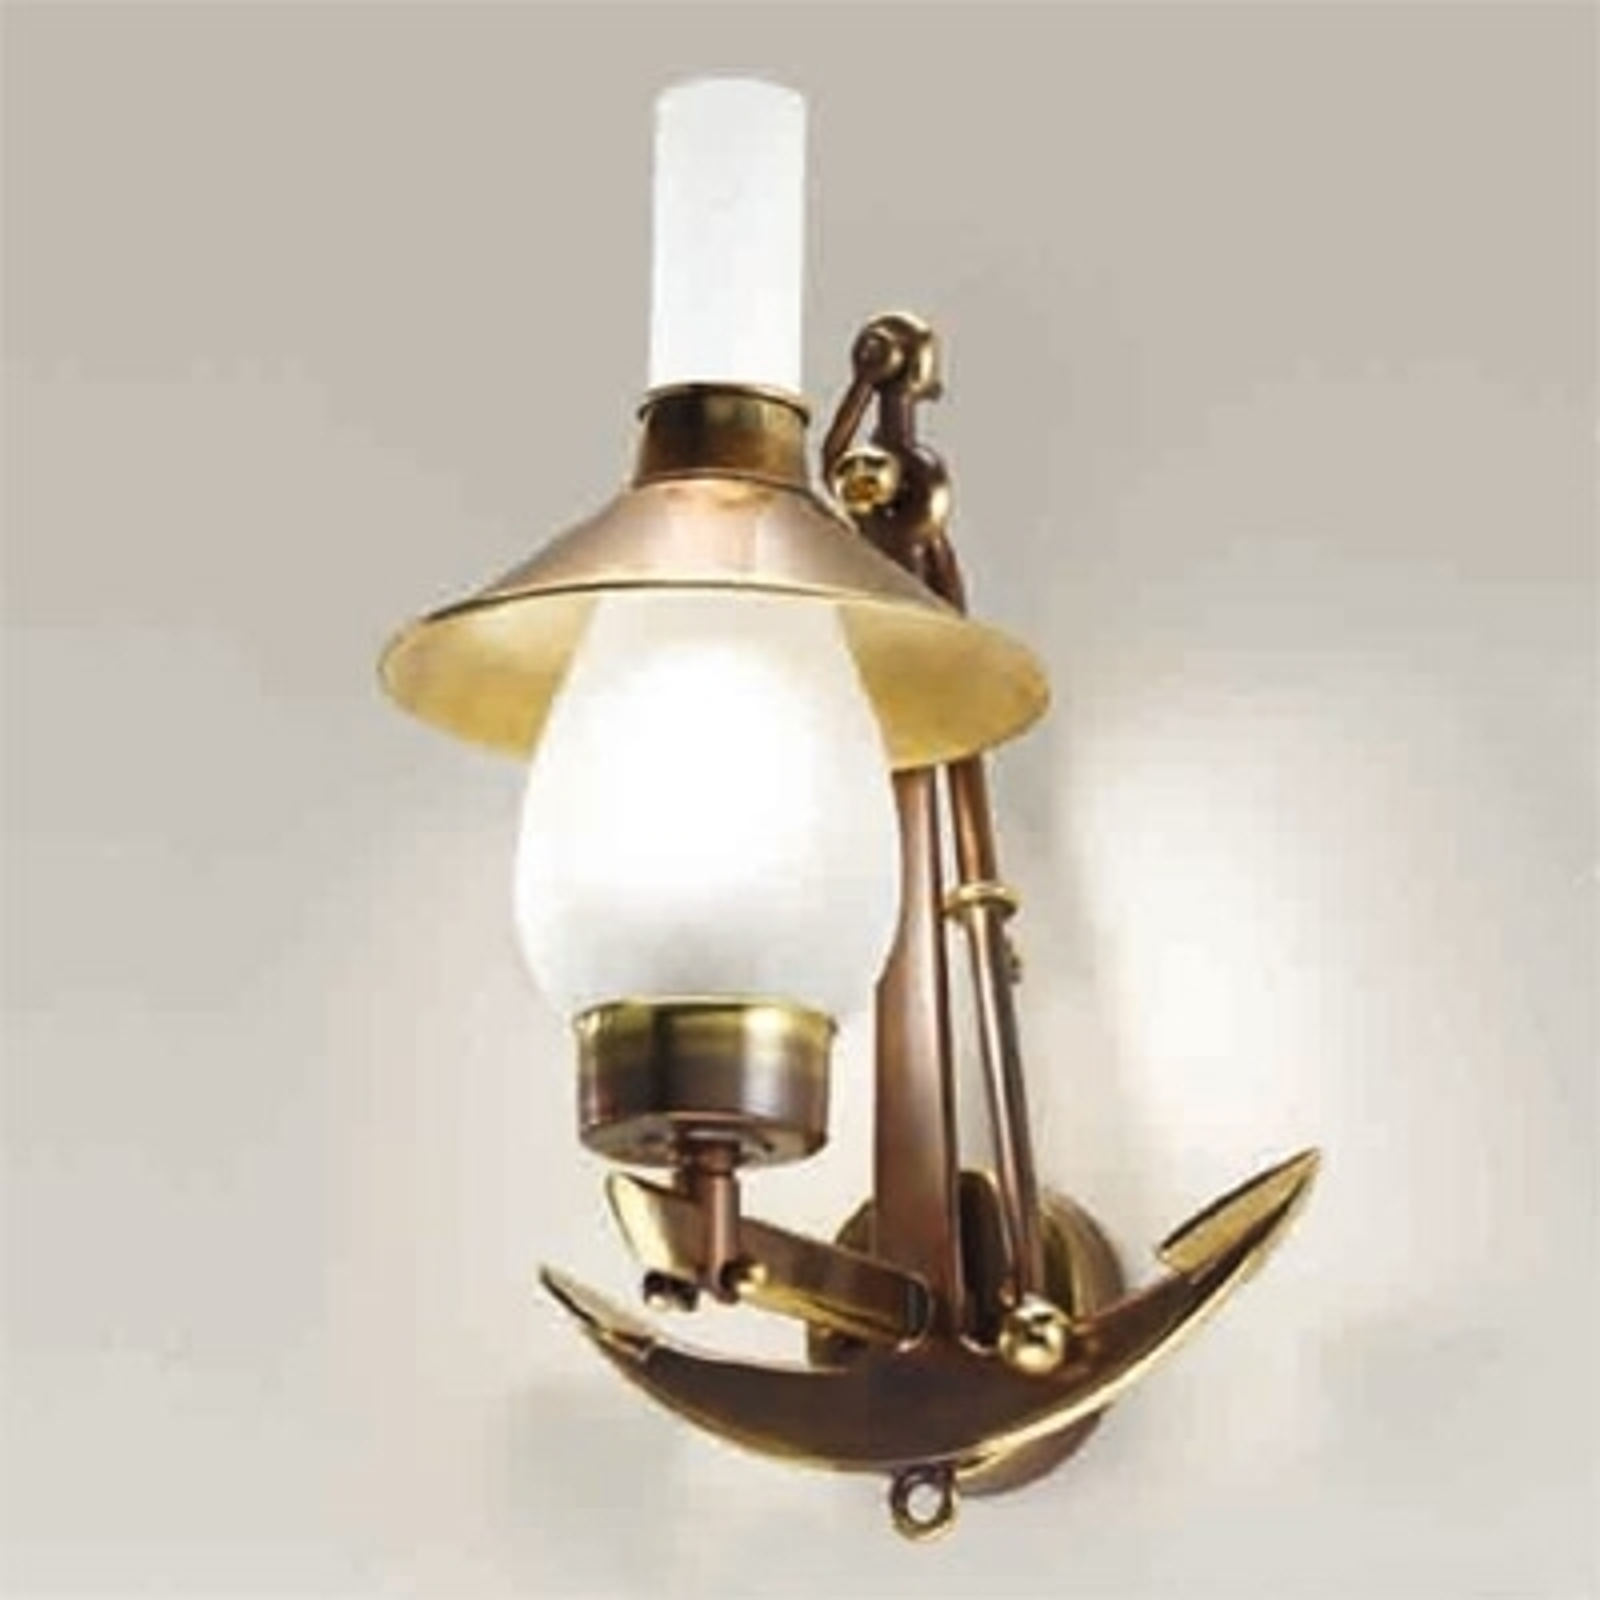 Grecale - forankret væglampe